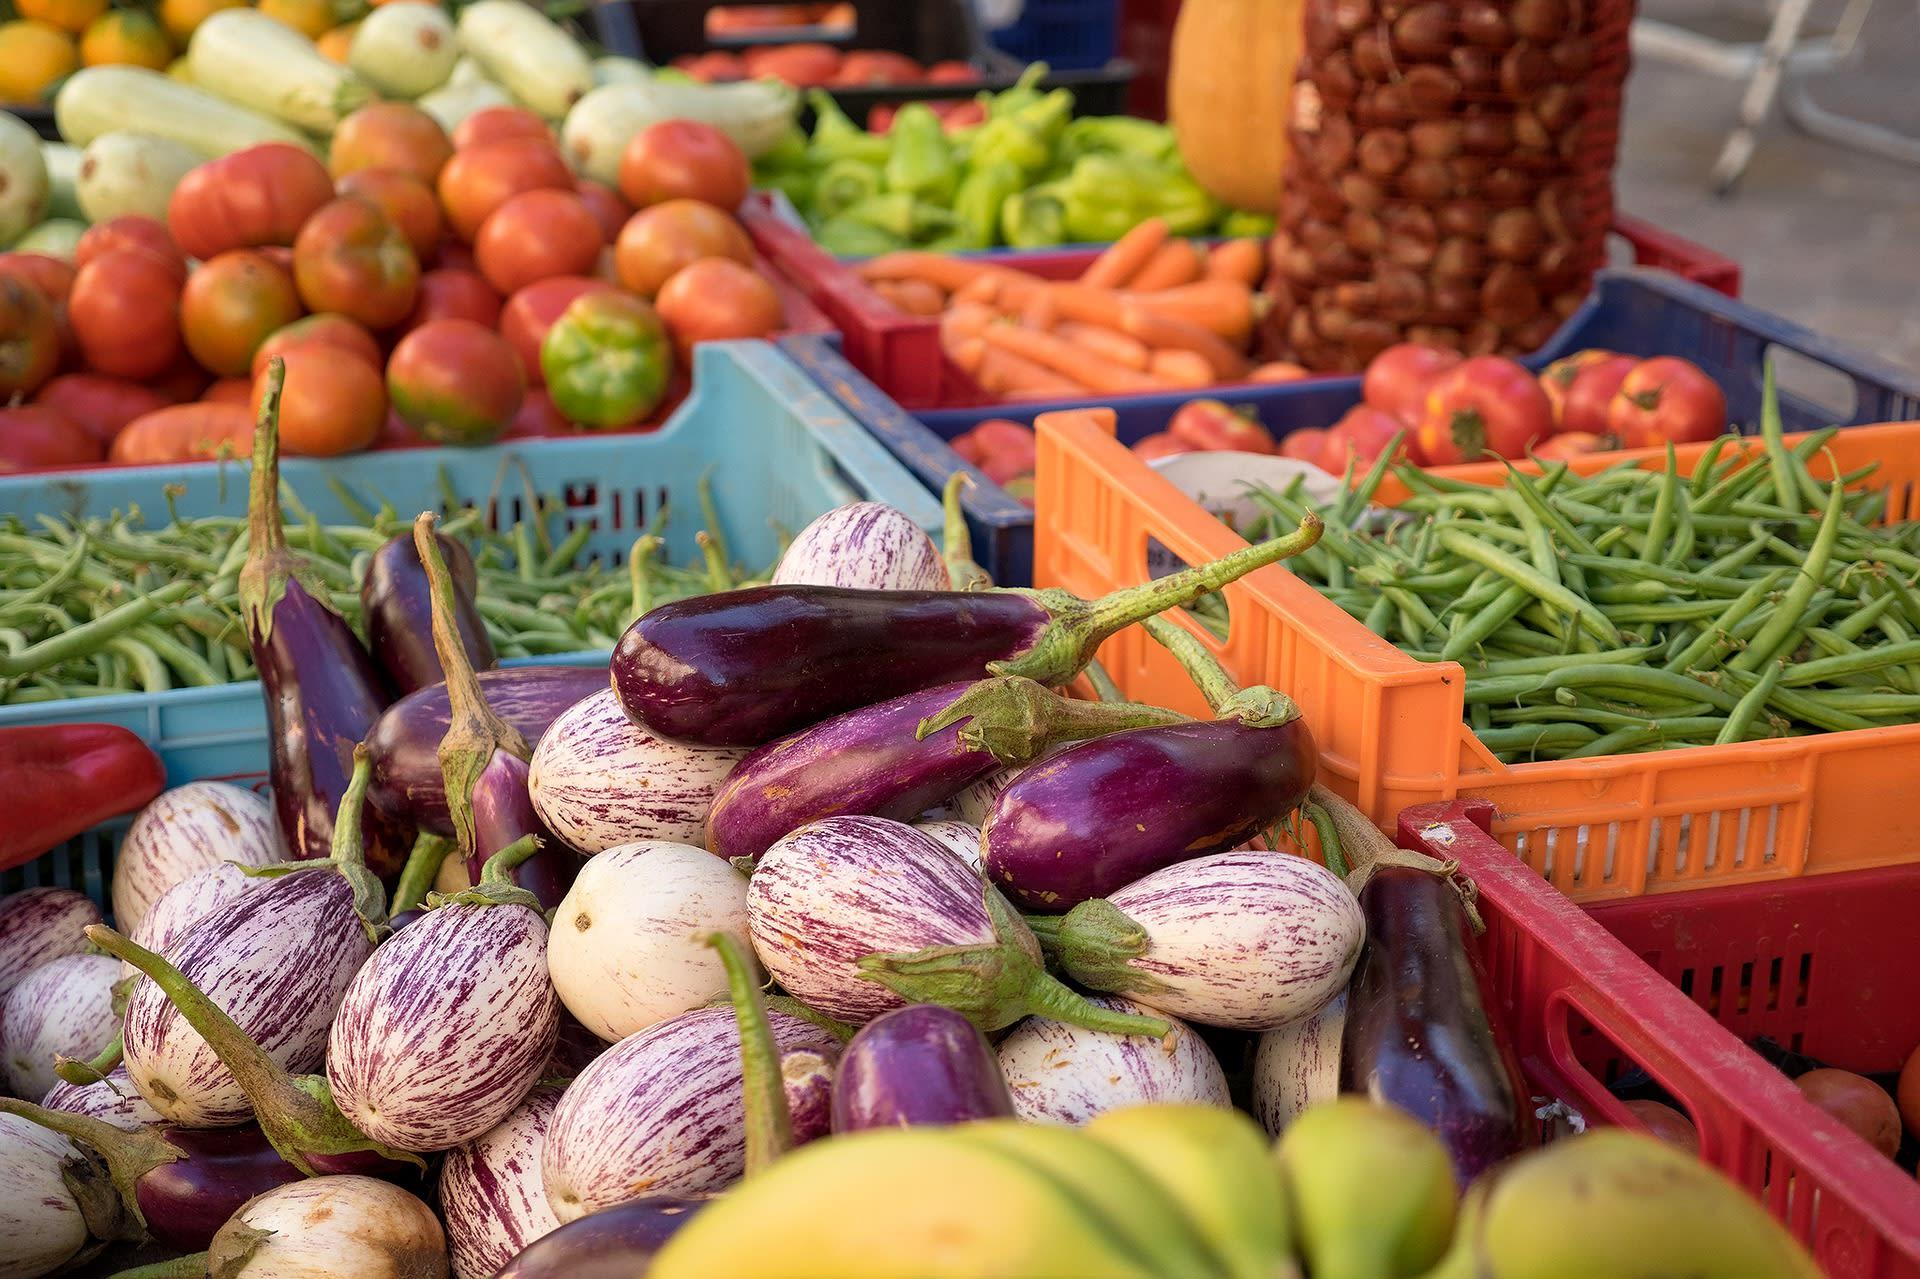 Vegetables (Pixabay)